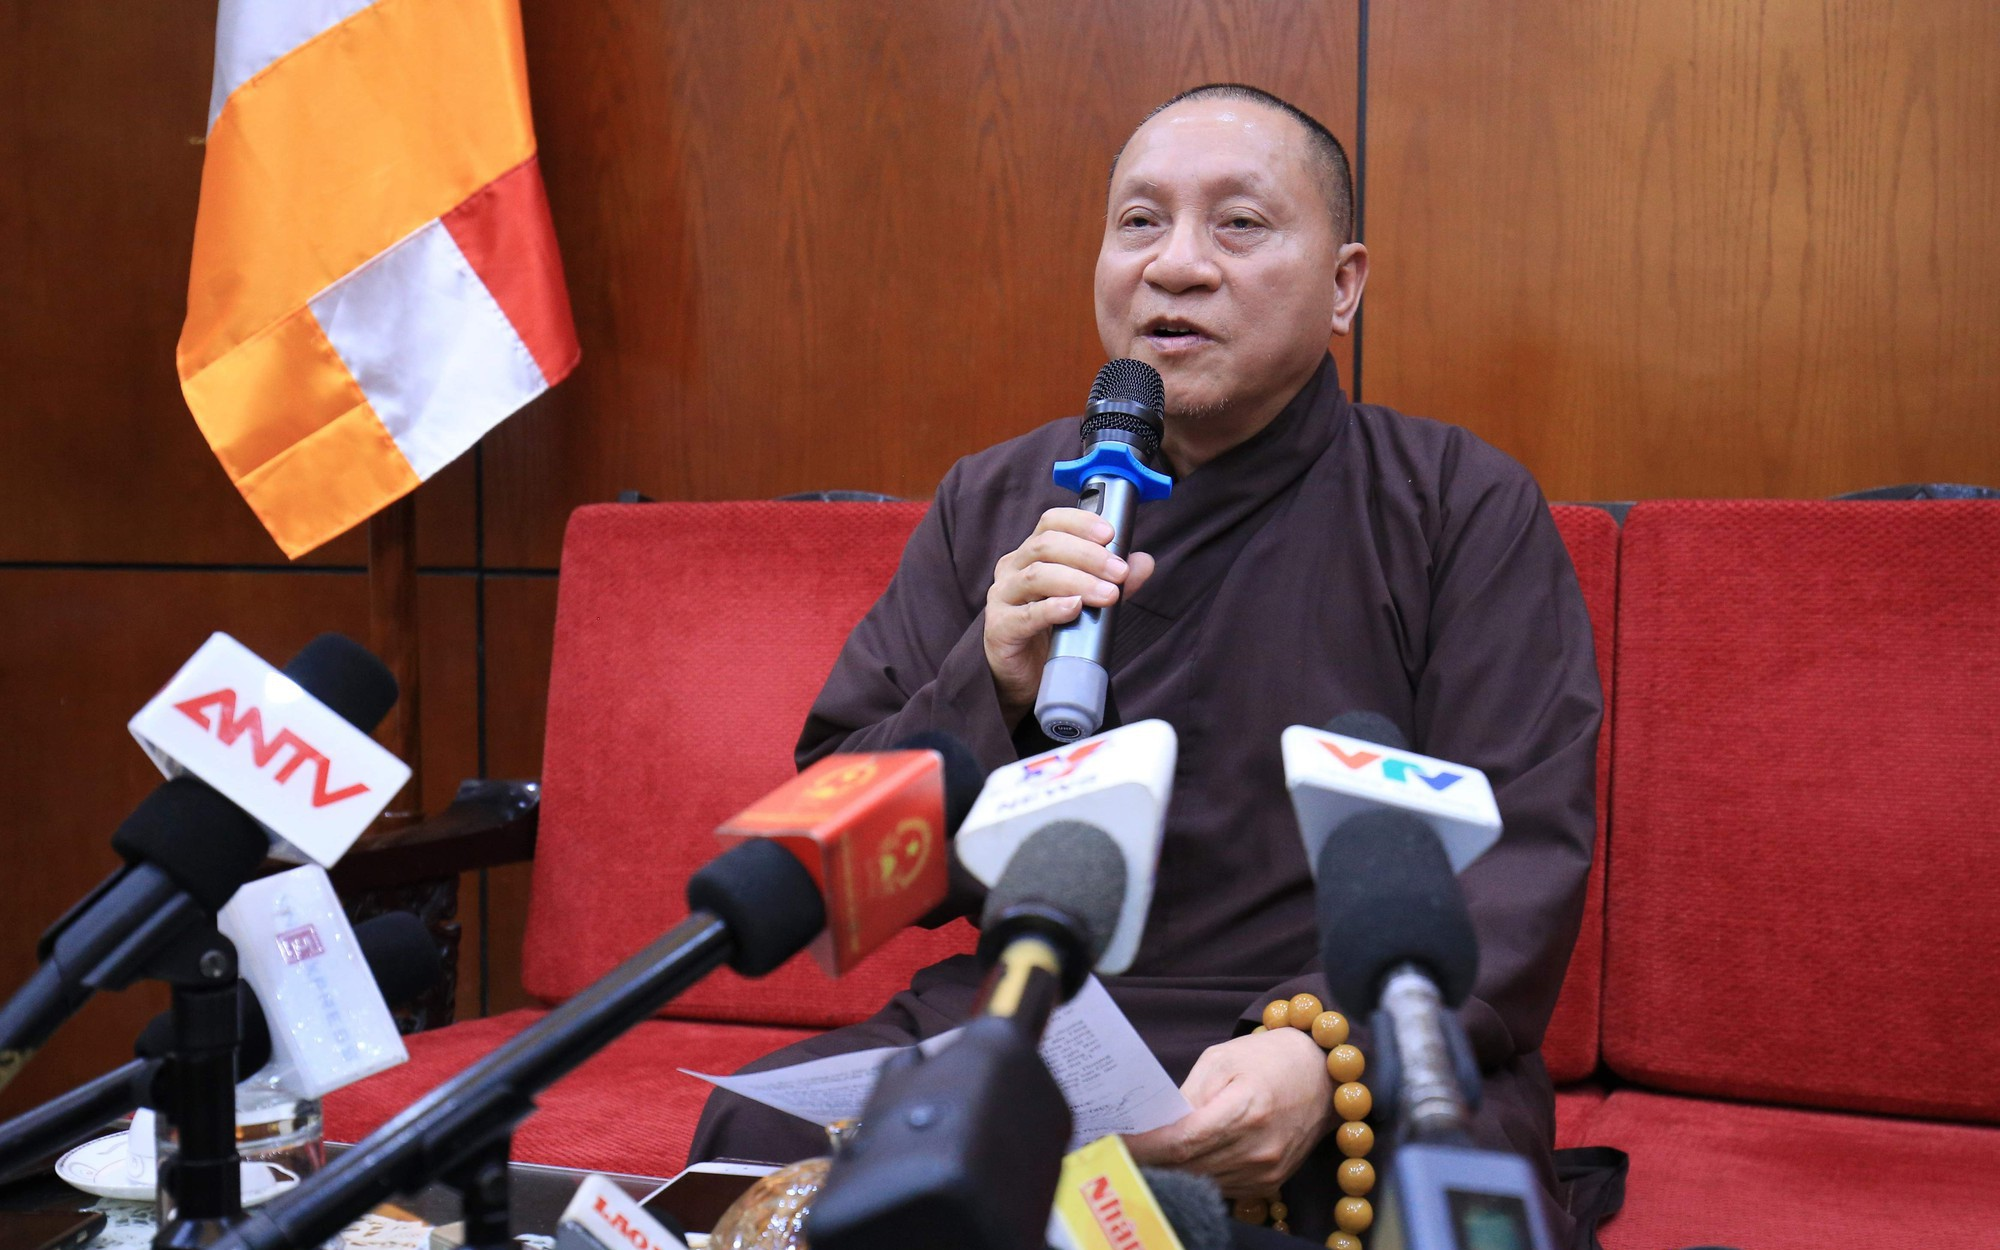 Hội đồng Trị sự Giáo hội Phật giáo Việt Nam: Đề xuất tạm đình chỉ các chức vụ của trụ trì chùa Ba Vàng